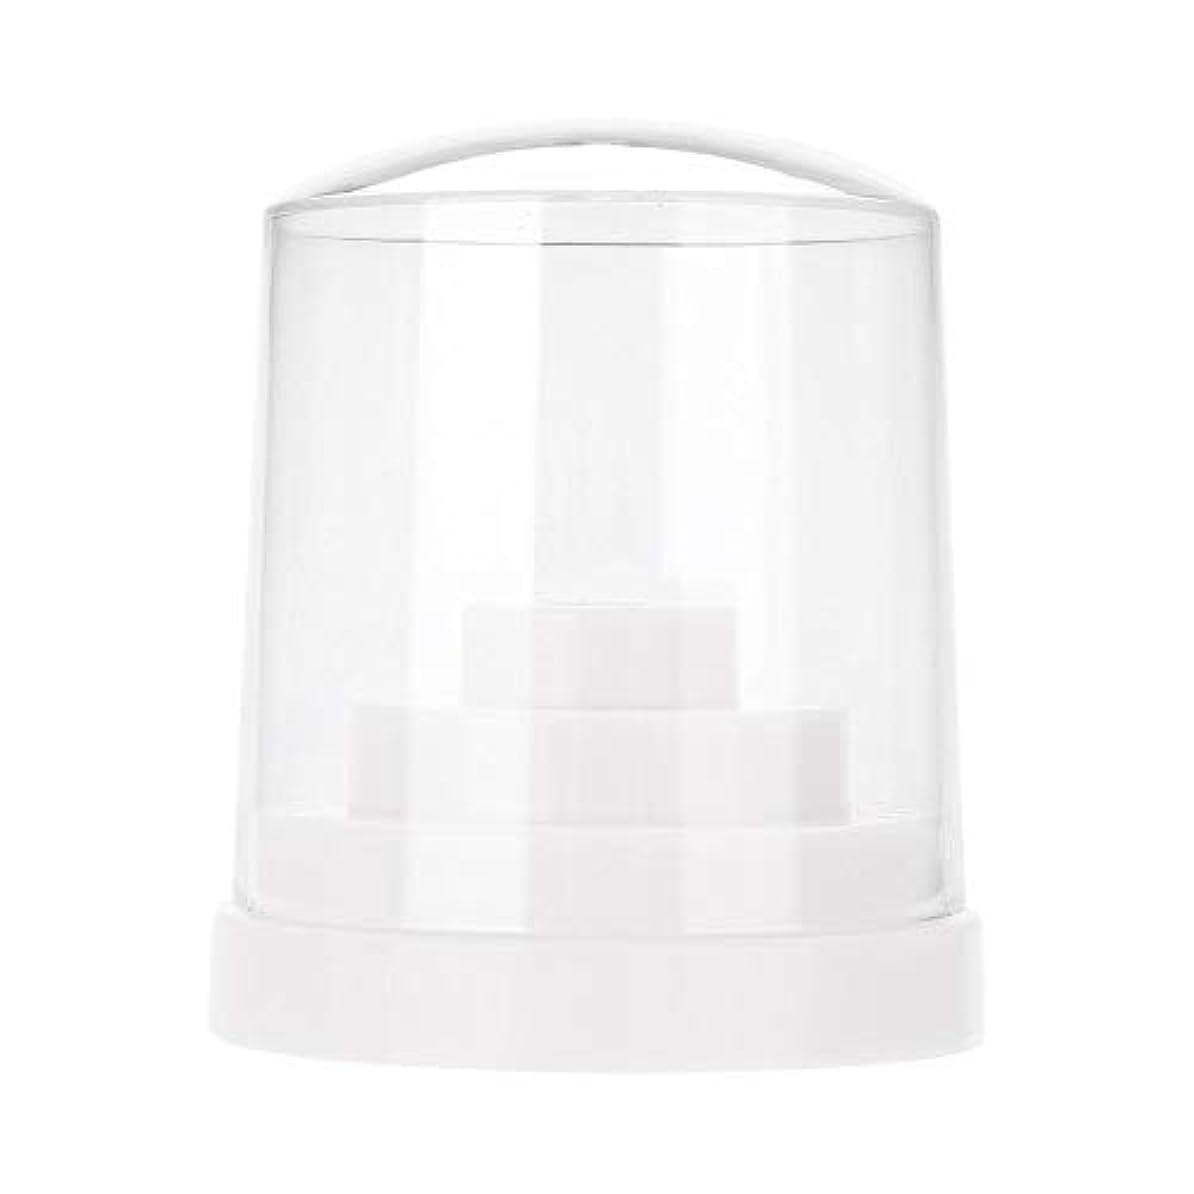 密摂氏度正確ネイルドリルスタンド、48穴ネイルアートプラスチックネイルケアドリルスタンドホルダードリルビットディスプレイオーガナイザーボックスアートアクセサリー(白)